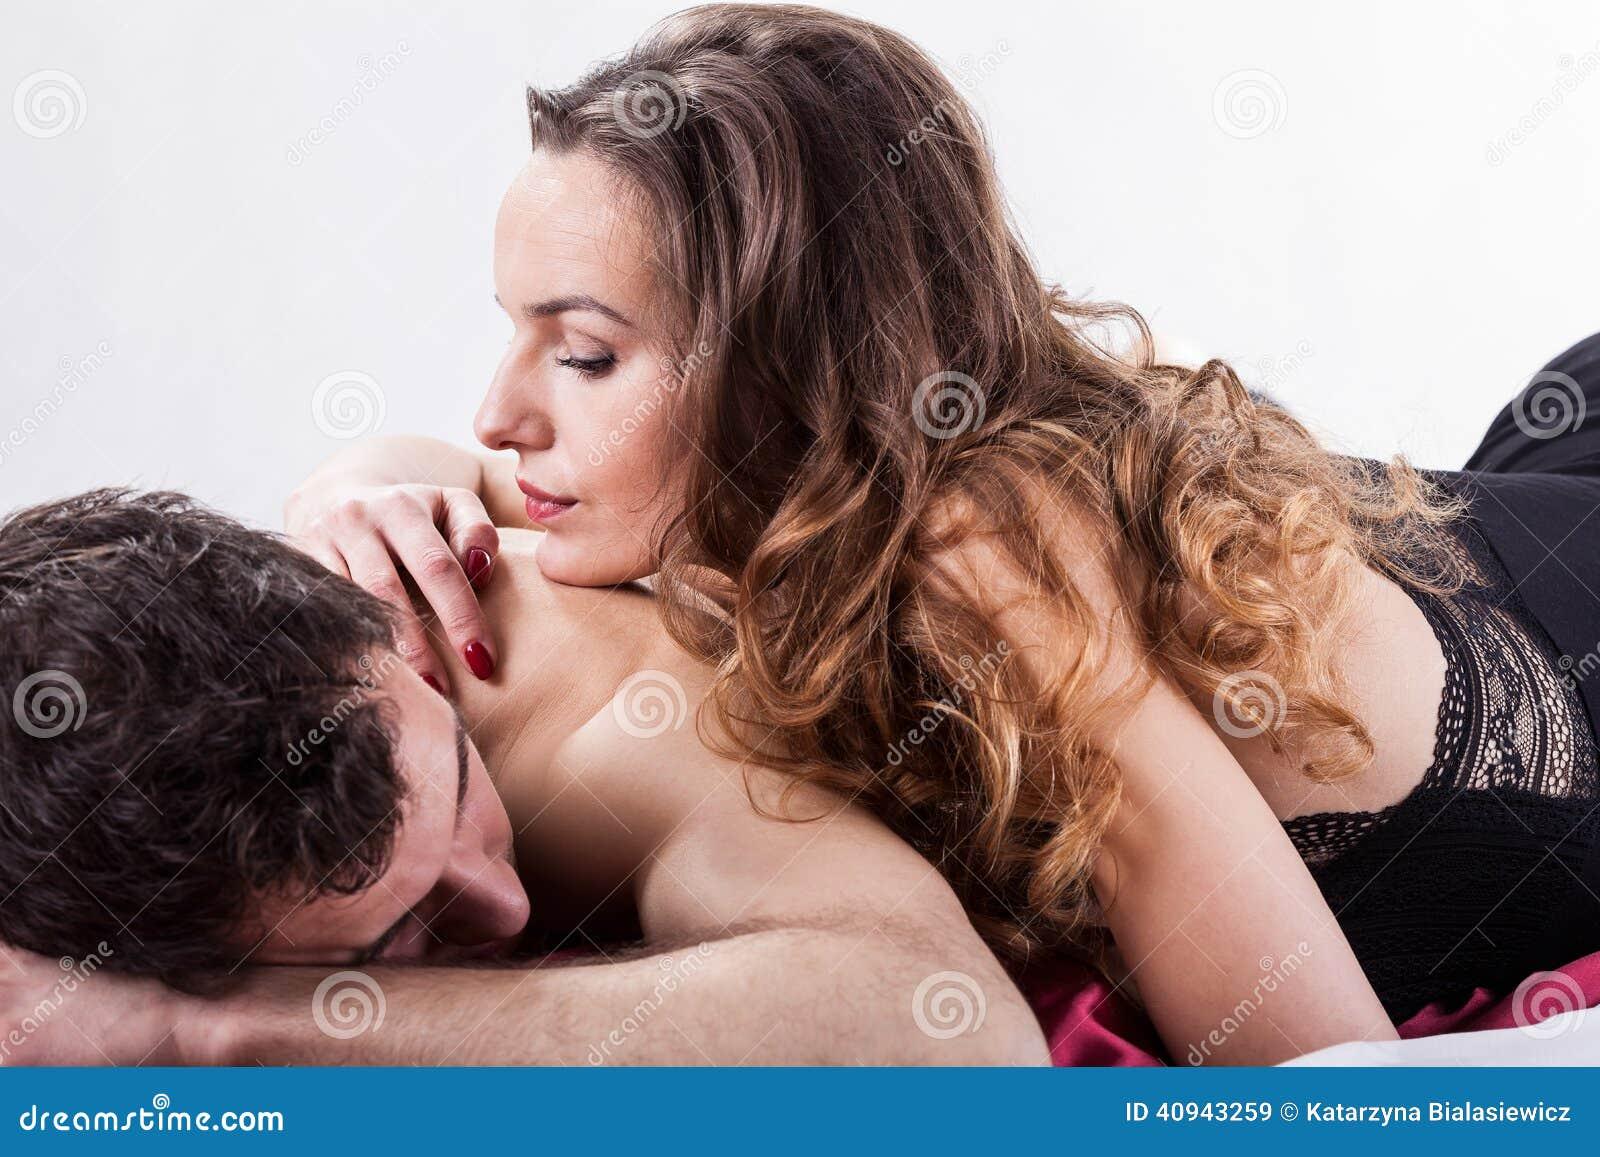 Erotische Momente Im Schlafzimmer Stockbild - Bild von geliebte ...